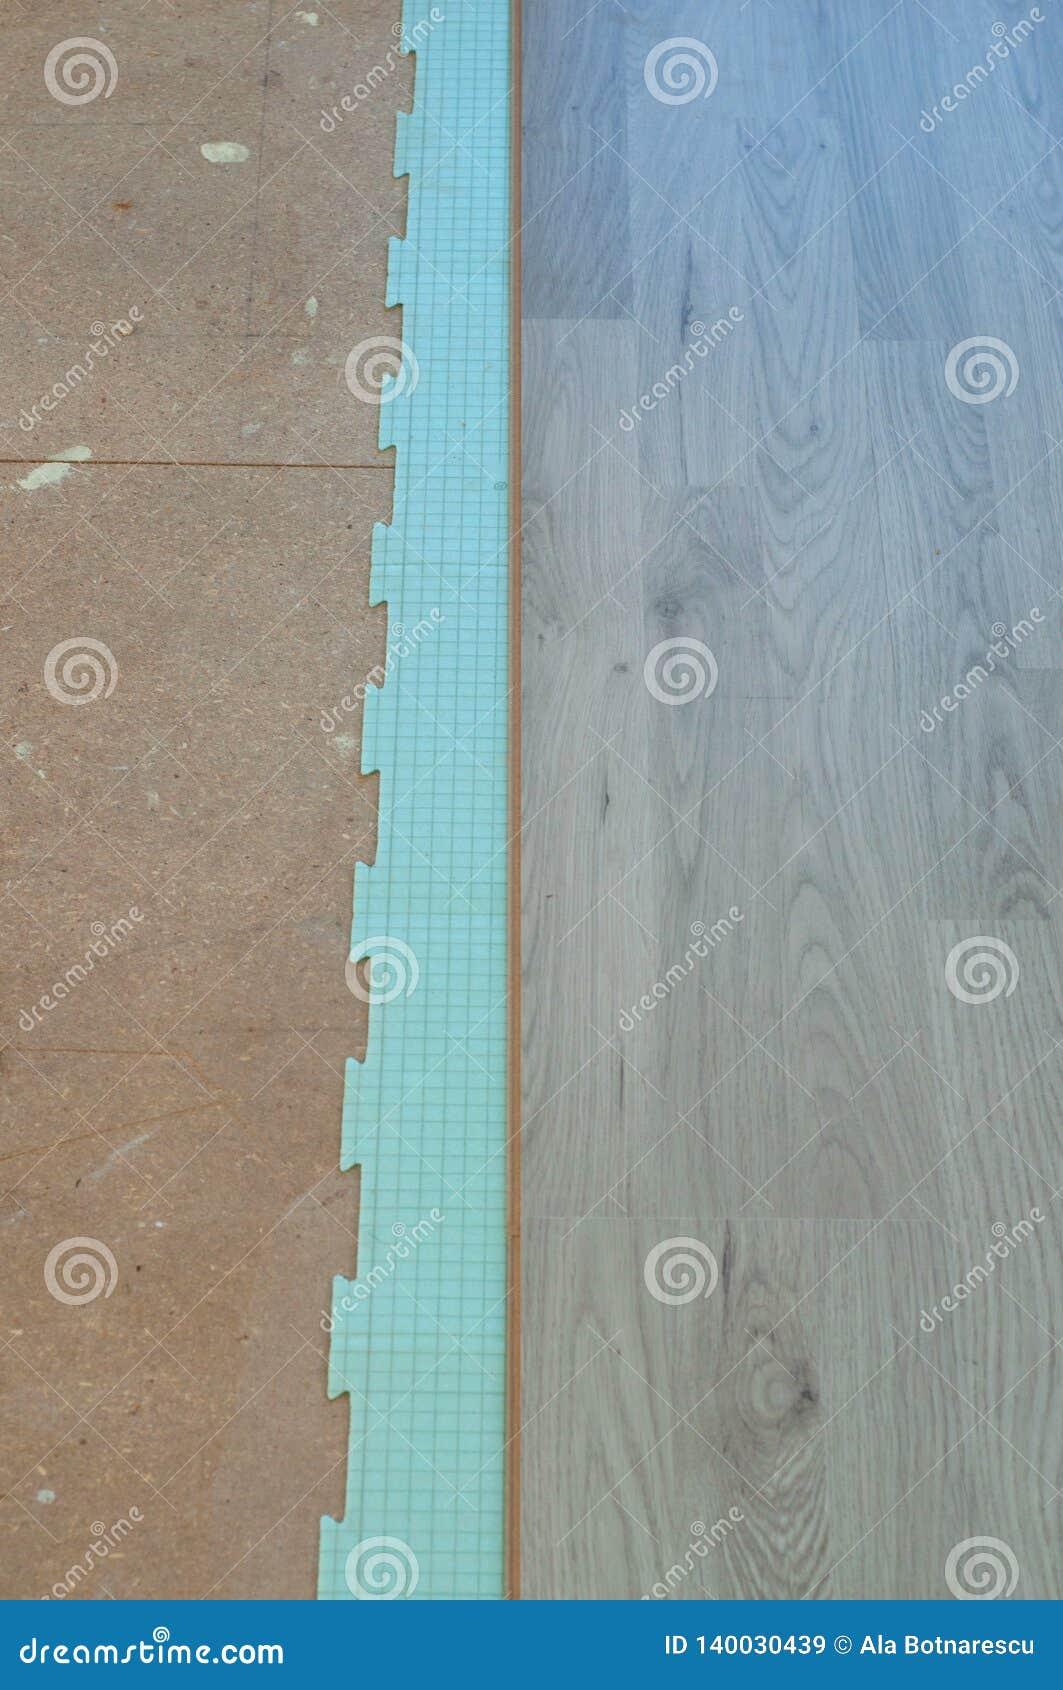 Istalation Of New Laminate Flooring Using A Isolating Sound